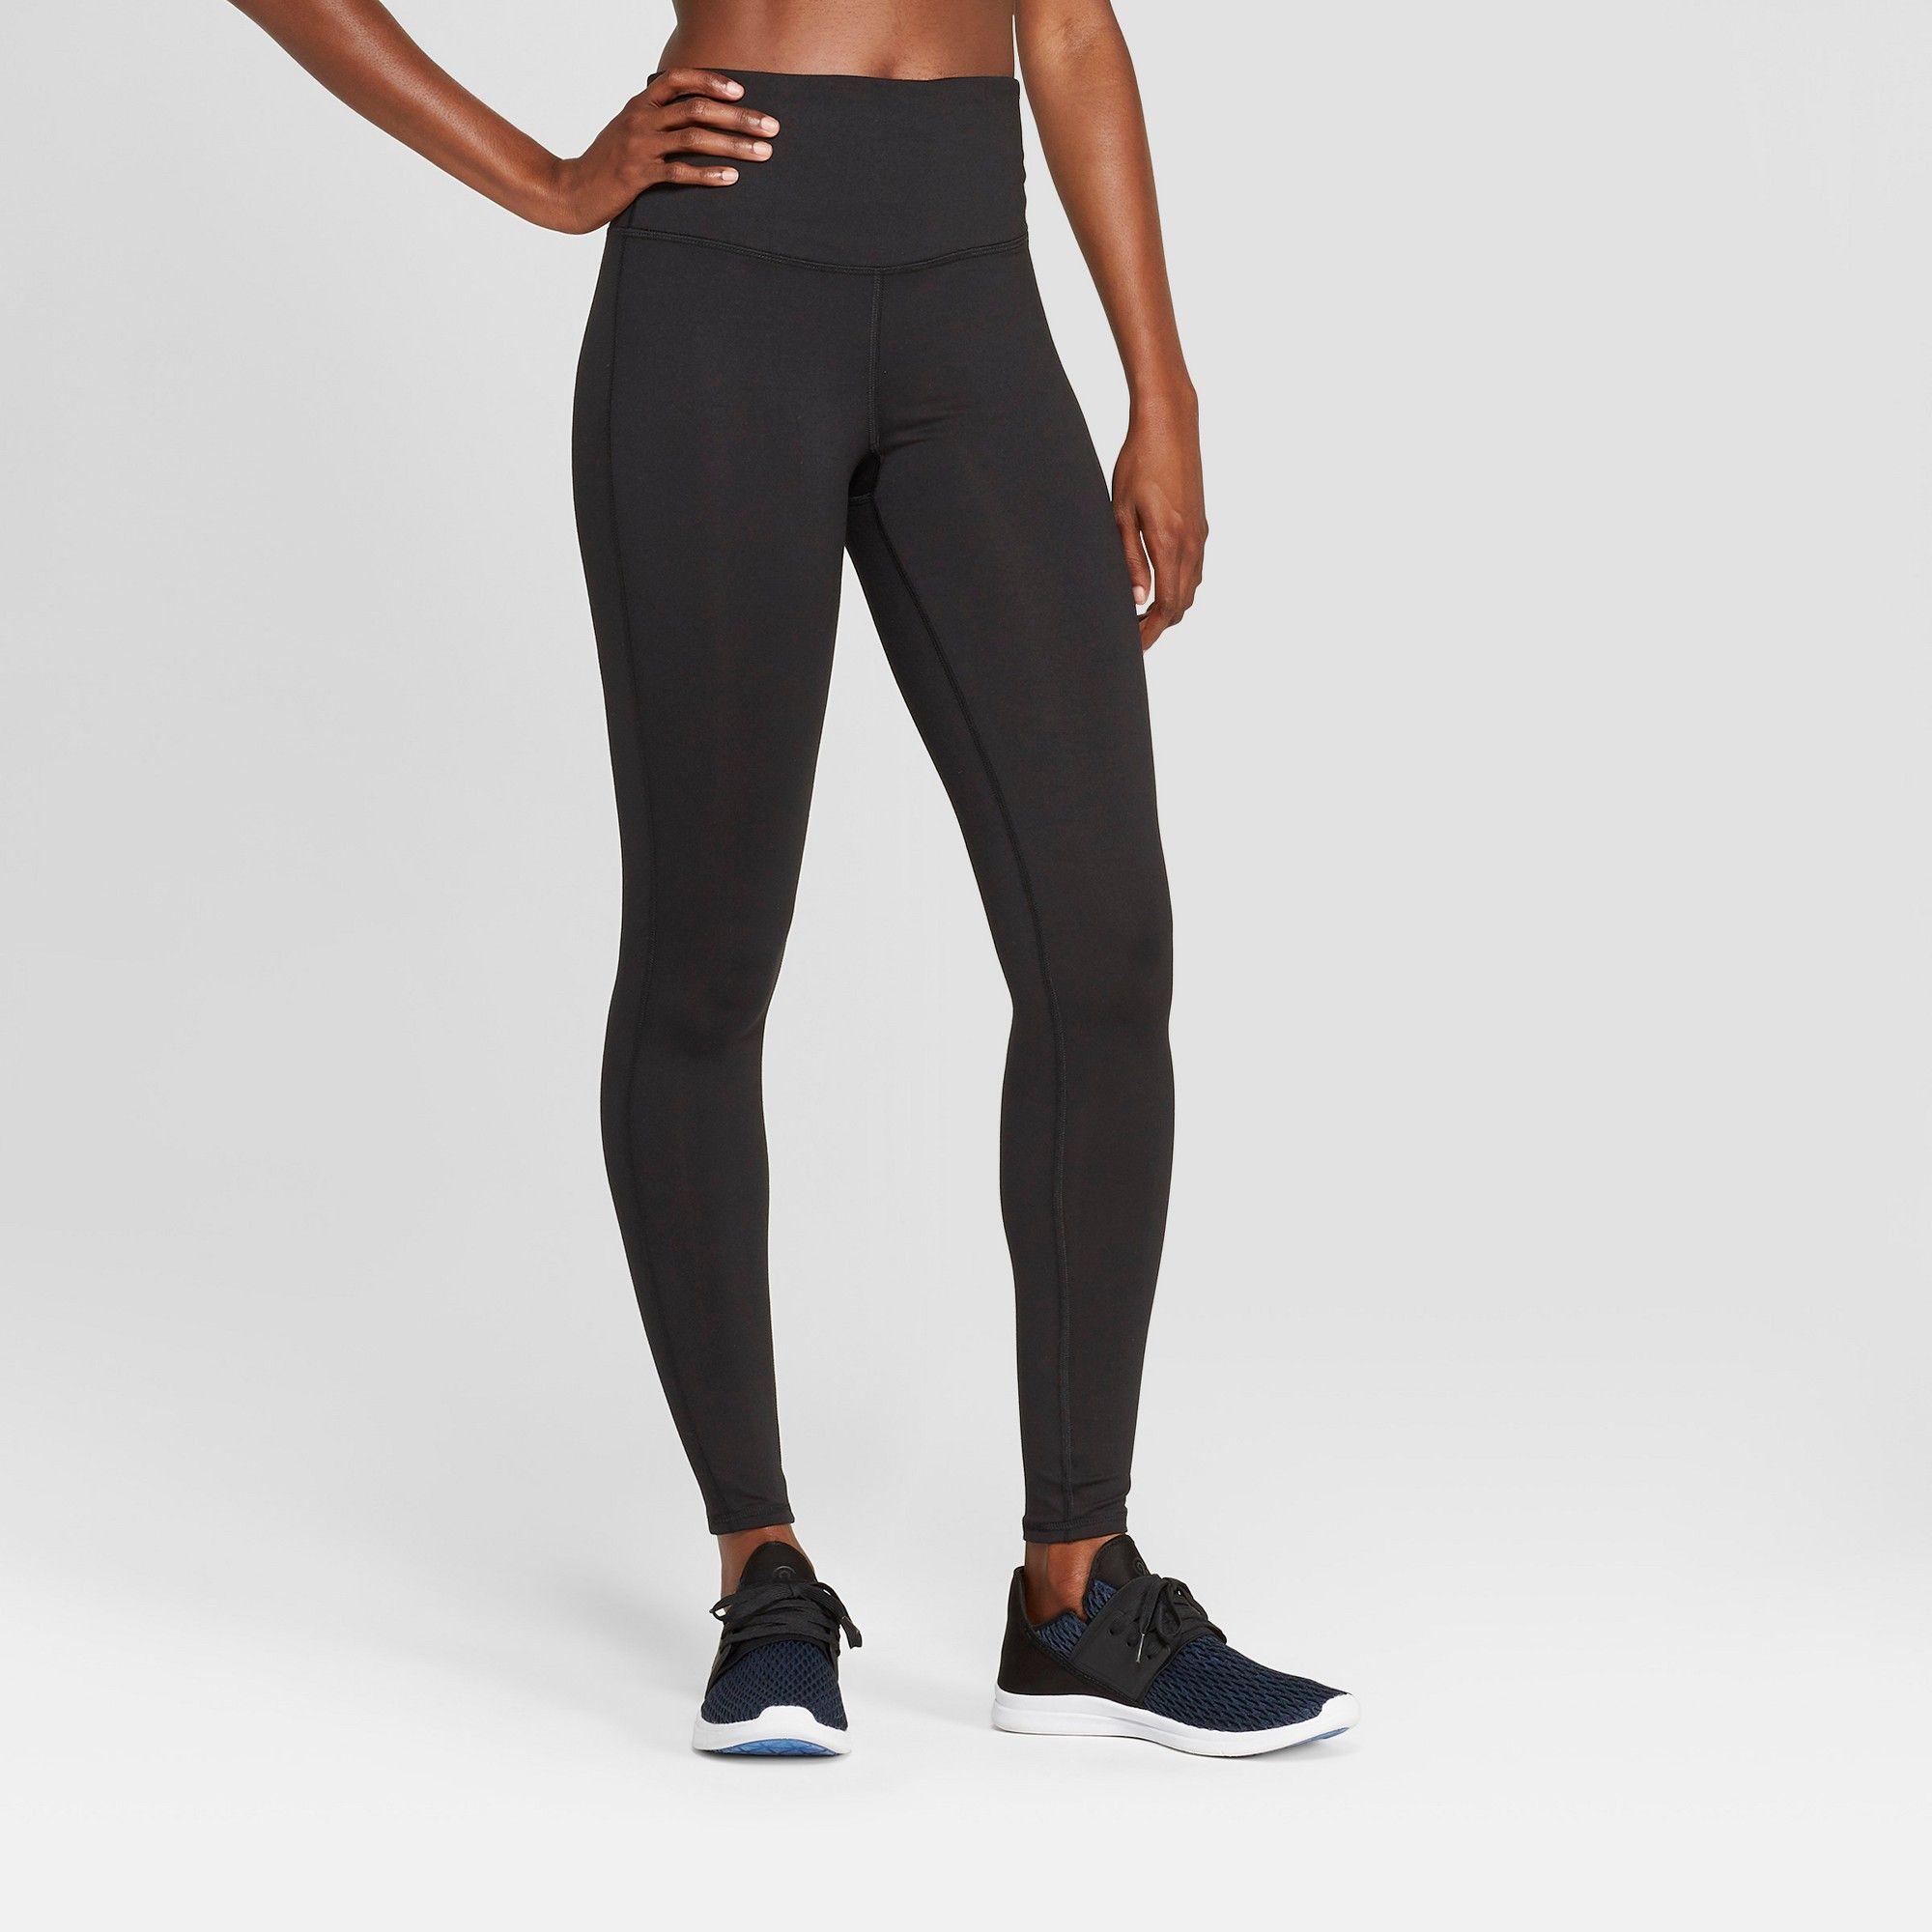 2dda3d5c1a1af5 Women's Freedom High Waist Leggings - C9 Champion Black Xxl Short, Size:  Xxl - Short